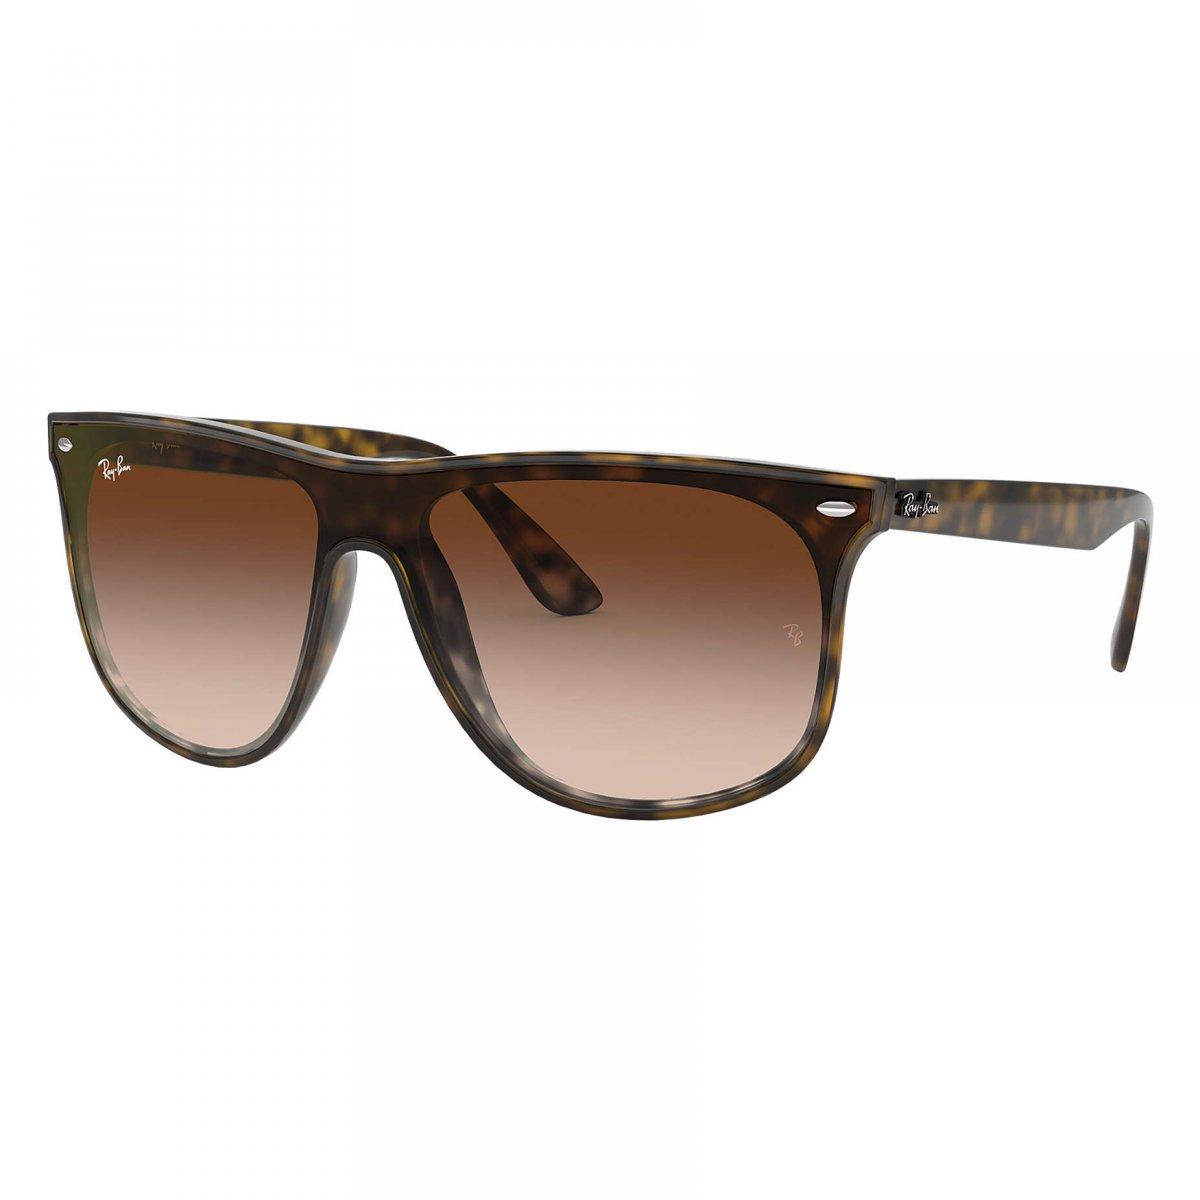 3128527cf Óculos de Sol Feminino Ray Ban | Óculos de Sol Ray Ban RB4447N-710/13 40